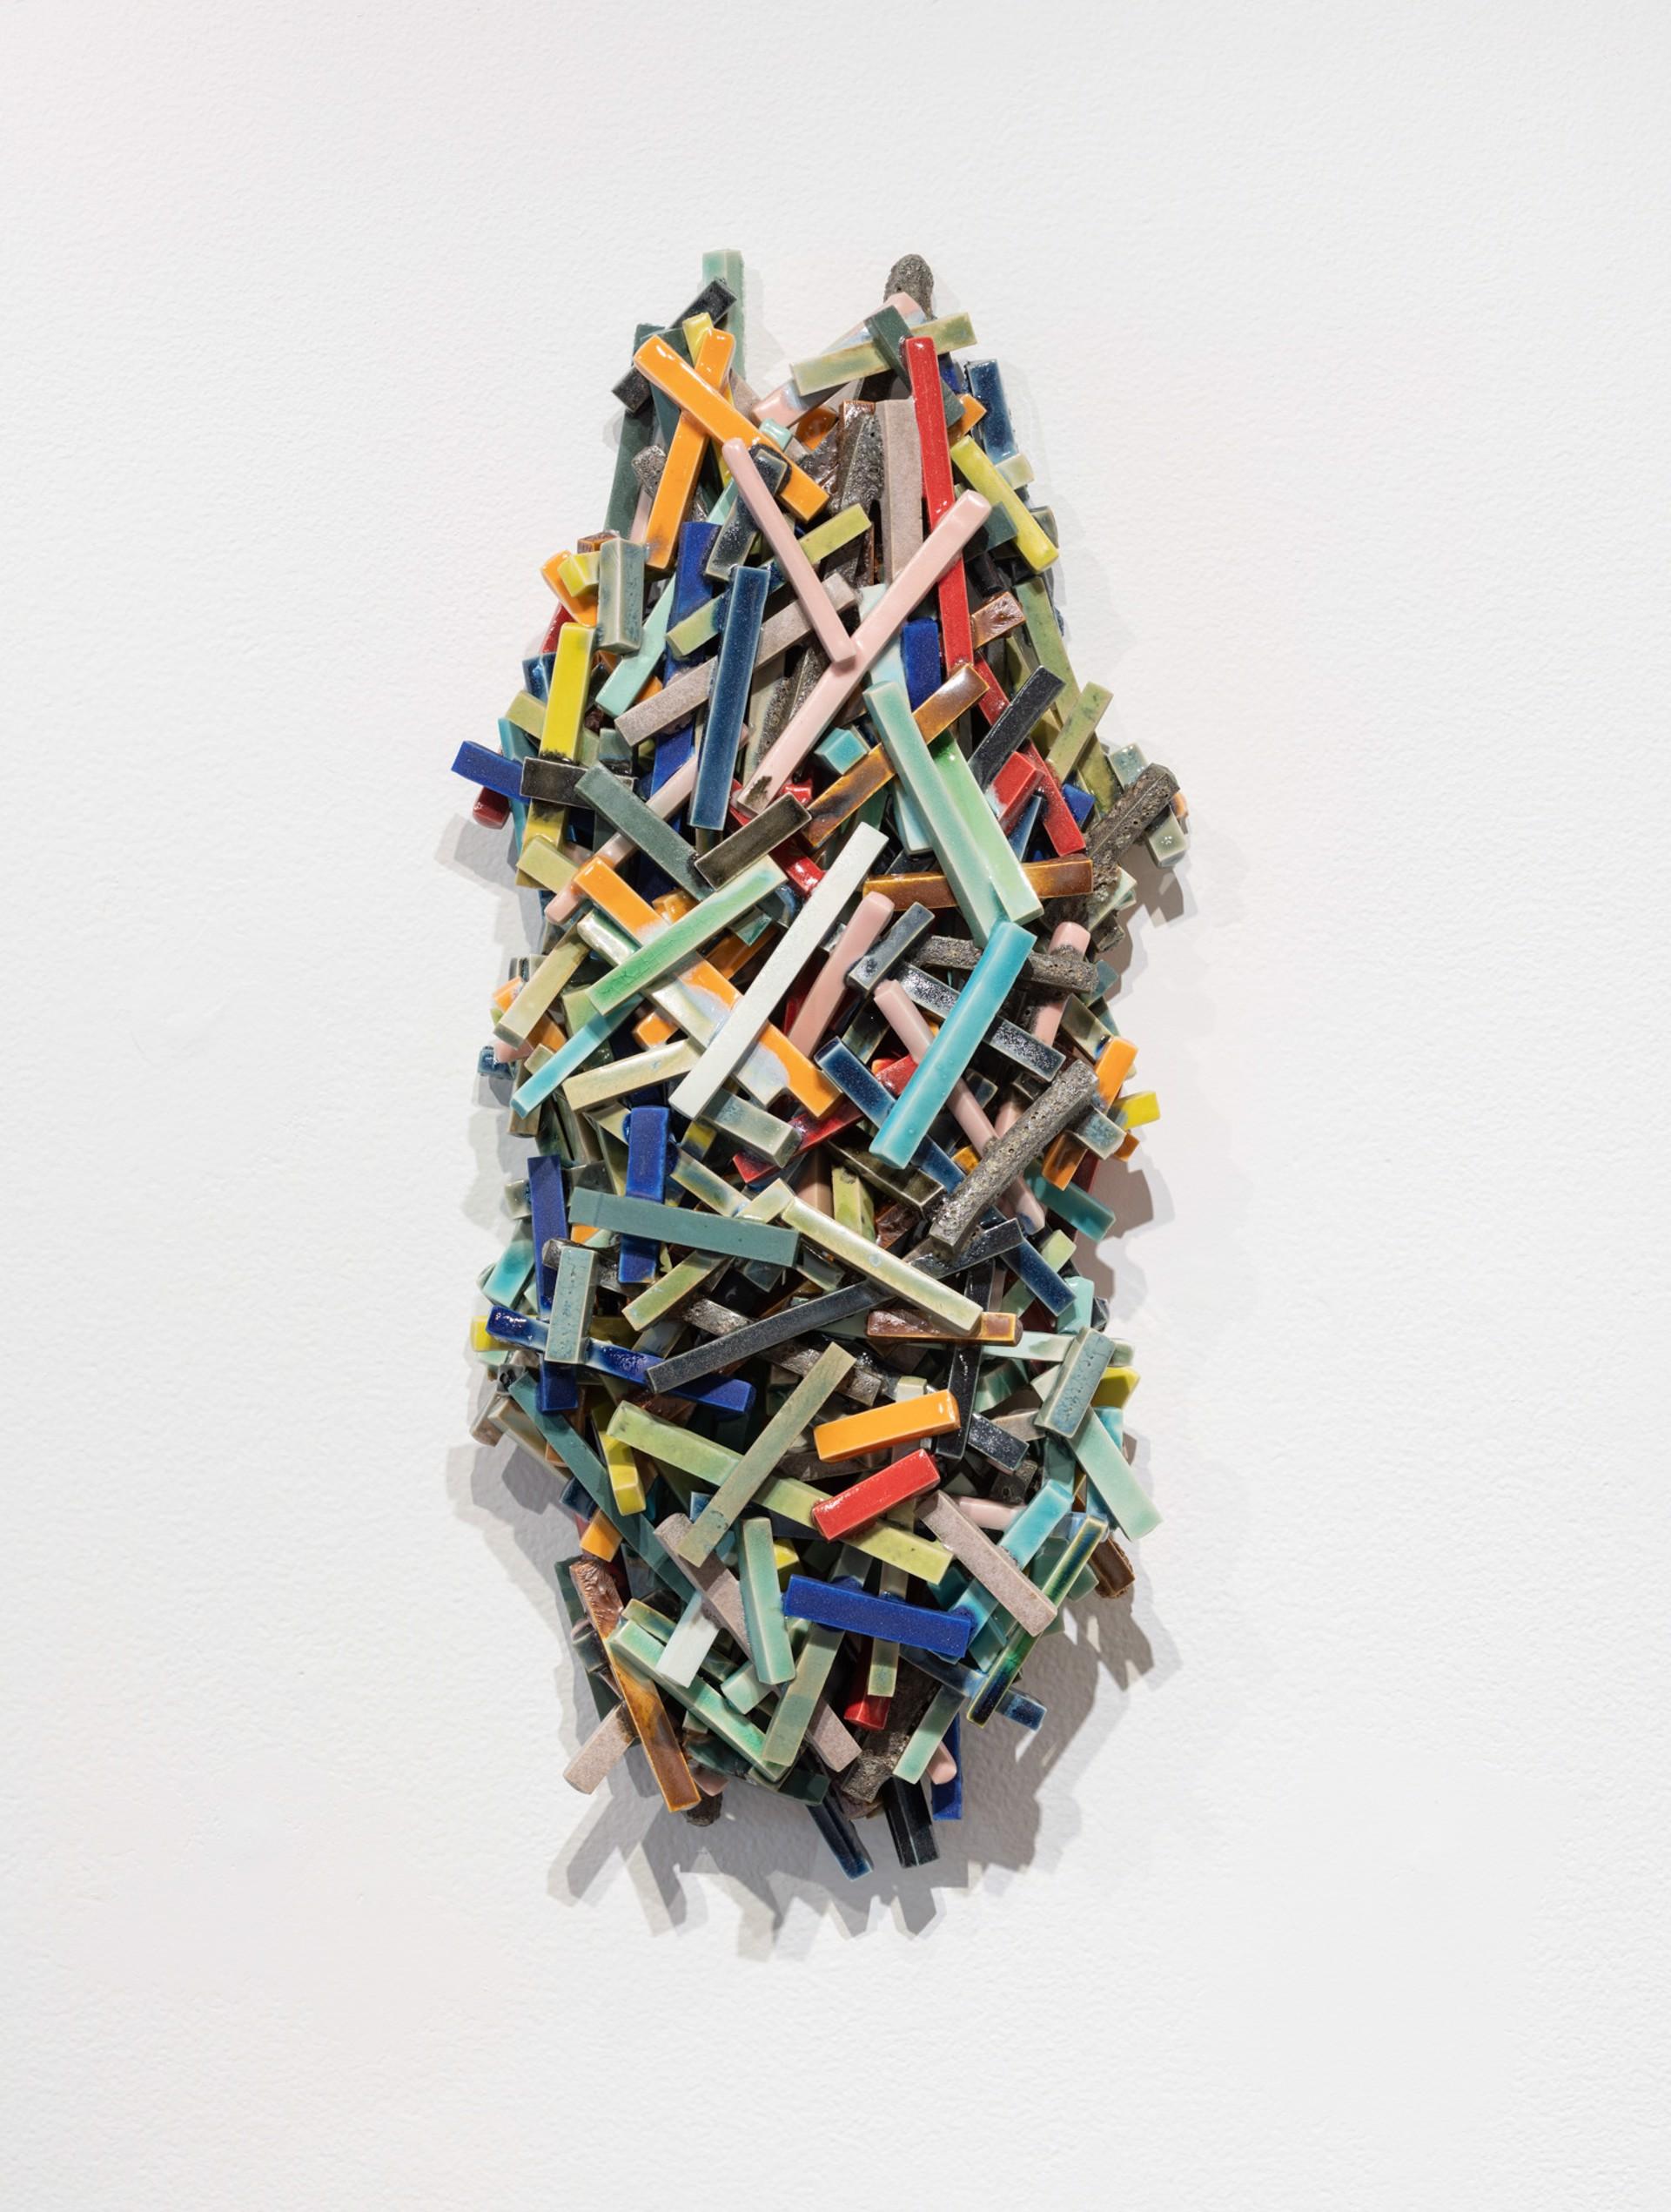 Piling (M) by Michael Fujita